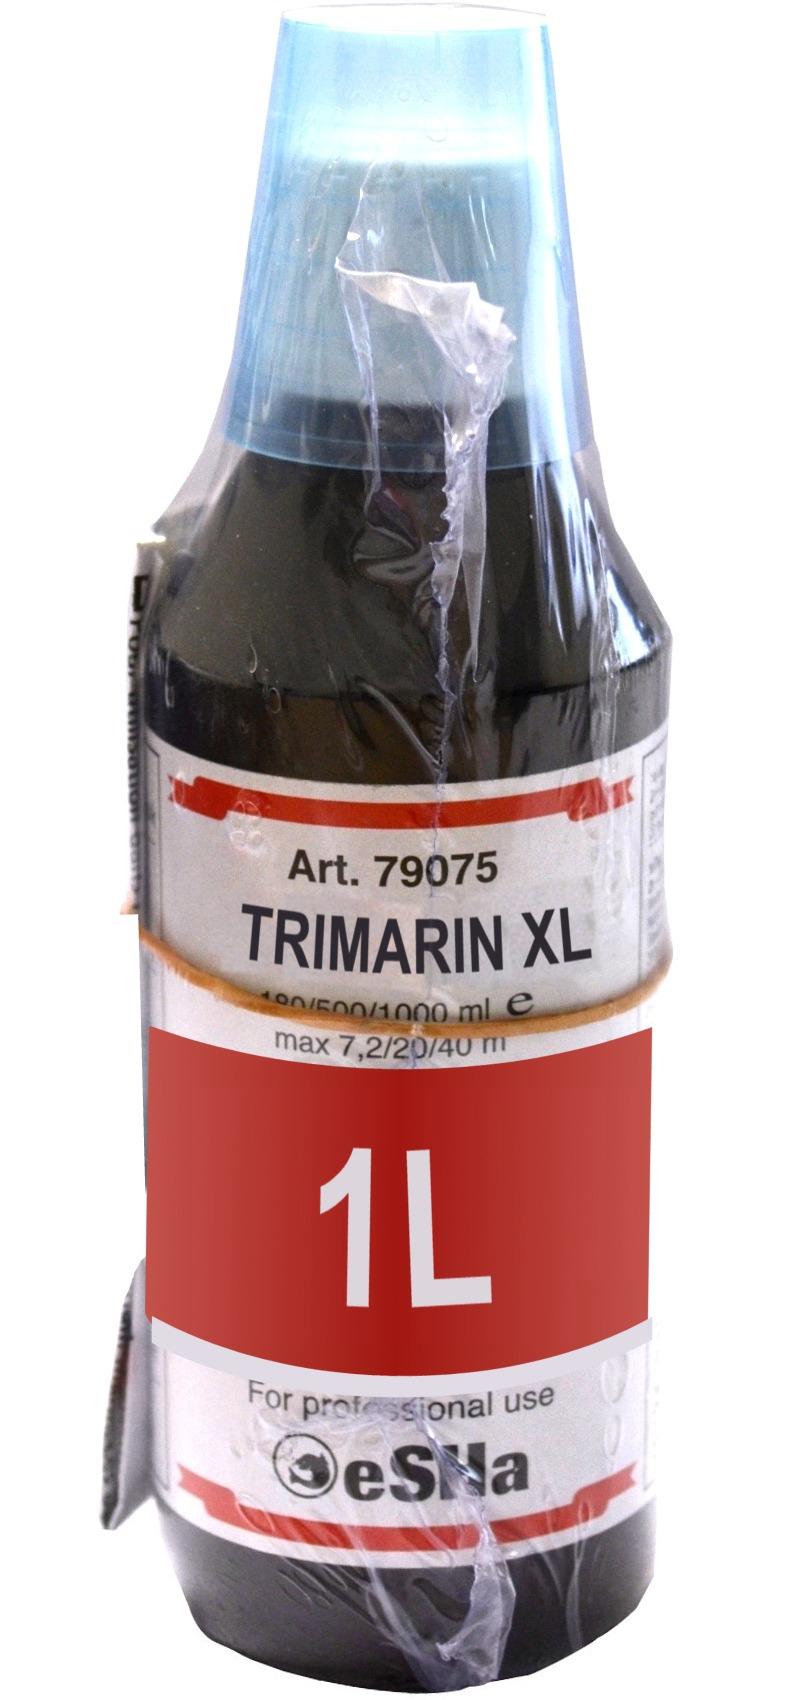 ESHA Trimarin XL 1L traitement multi-maladies pour poissons marins ne cohabitant pas avec des invertébrés